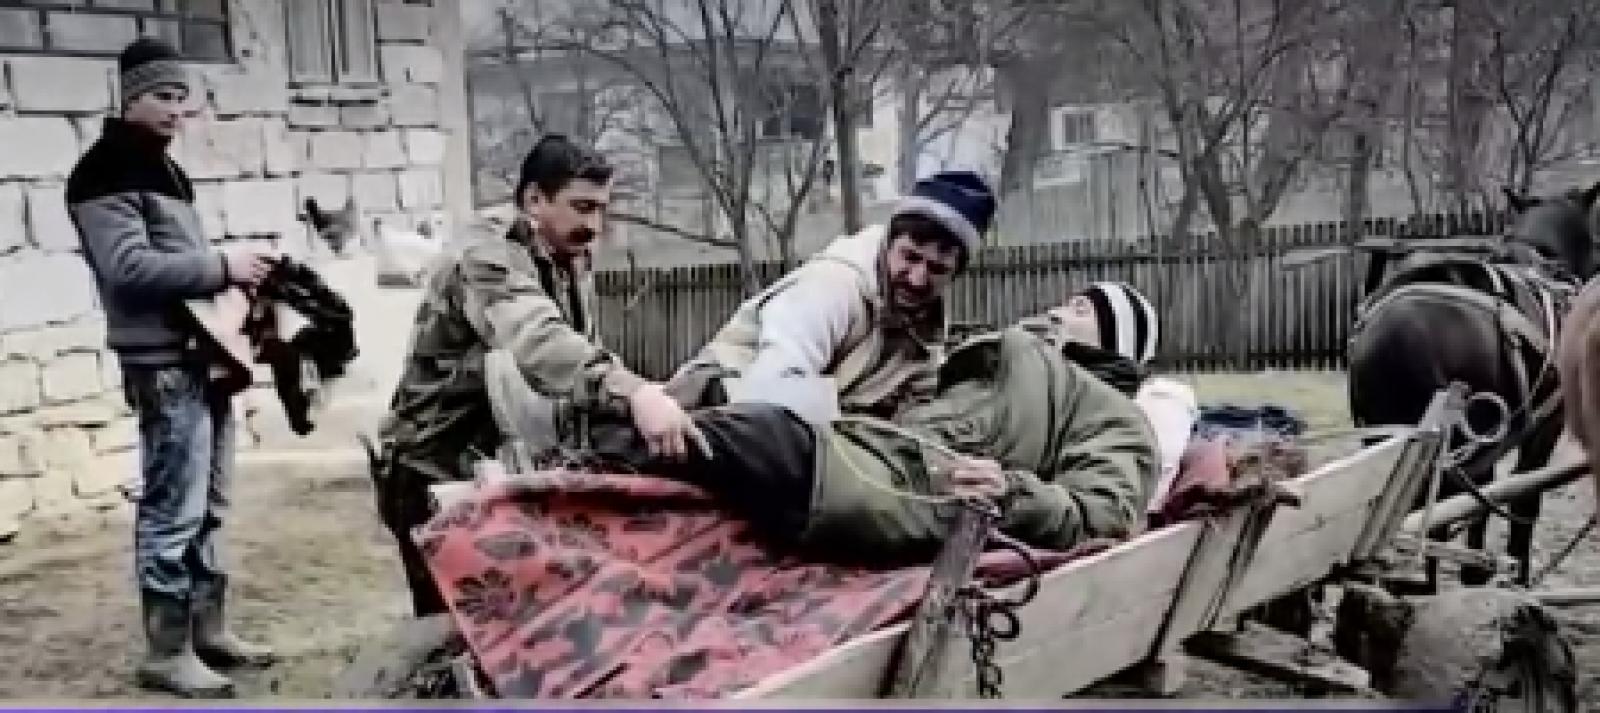 Bolnav dus cu căruța la spital: Chinul prin care trece un bărbat din Dâmbovița, săptămânal